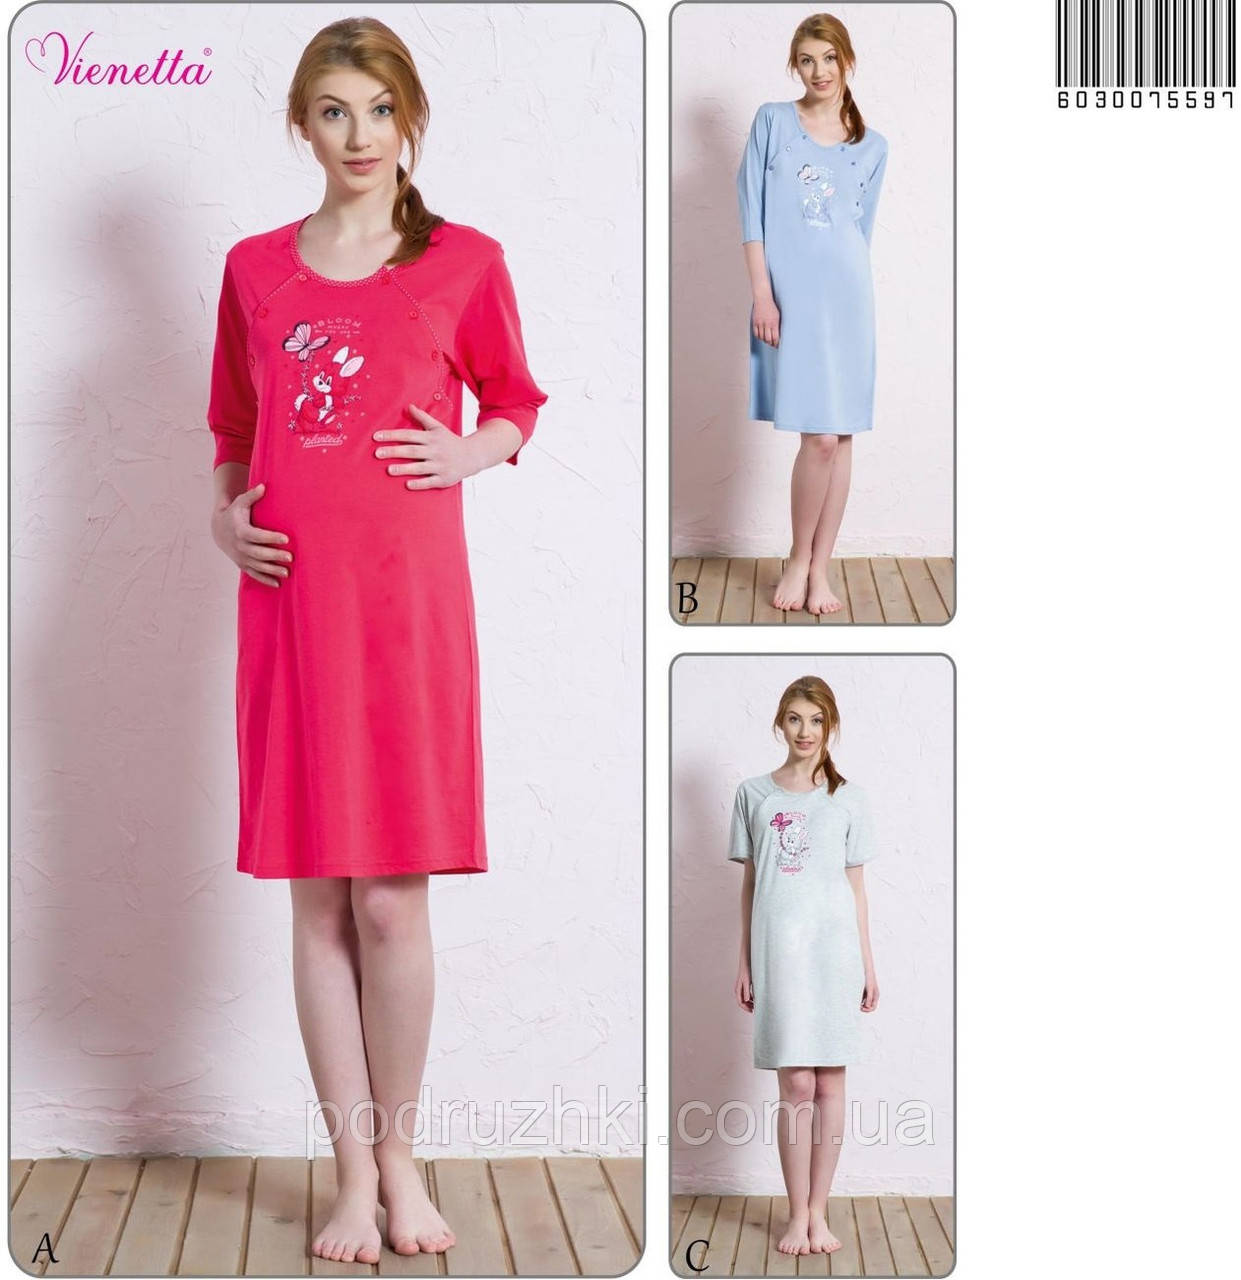 70a4efc7158b Туника ночная сорочка для беременных и кормящих мам VIENETTA ...